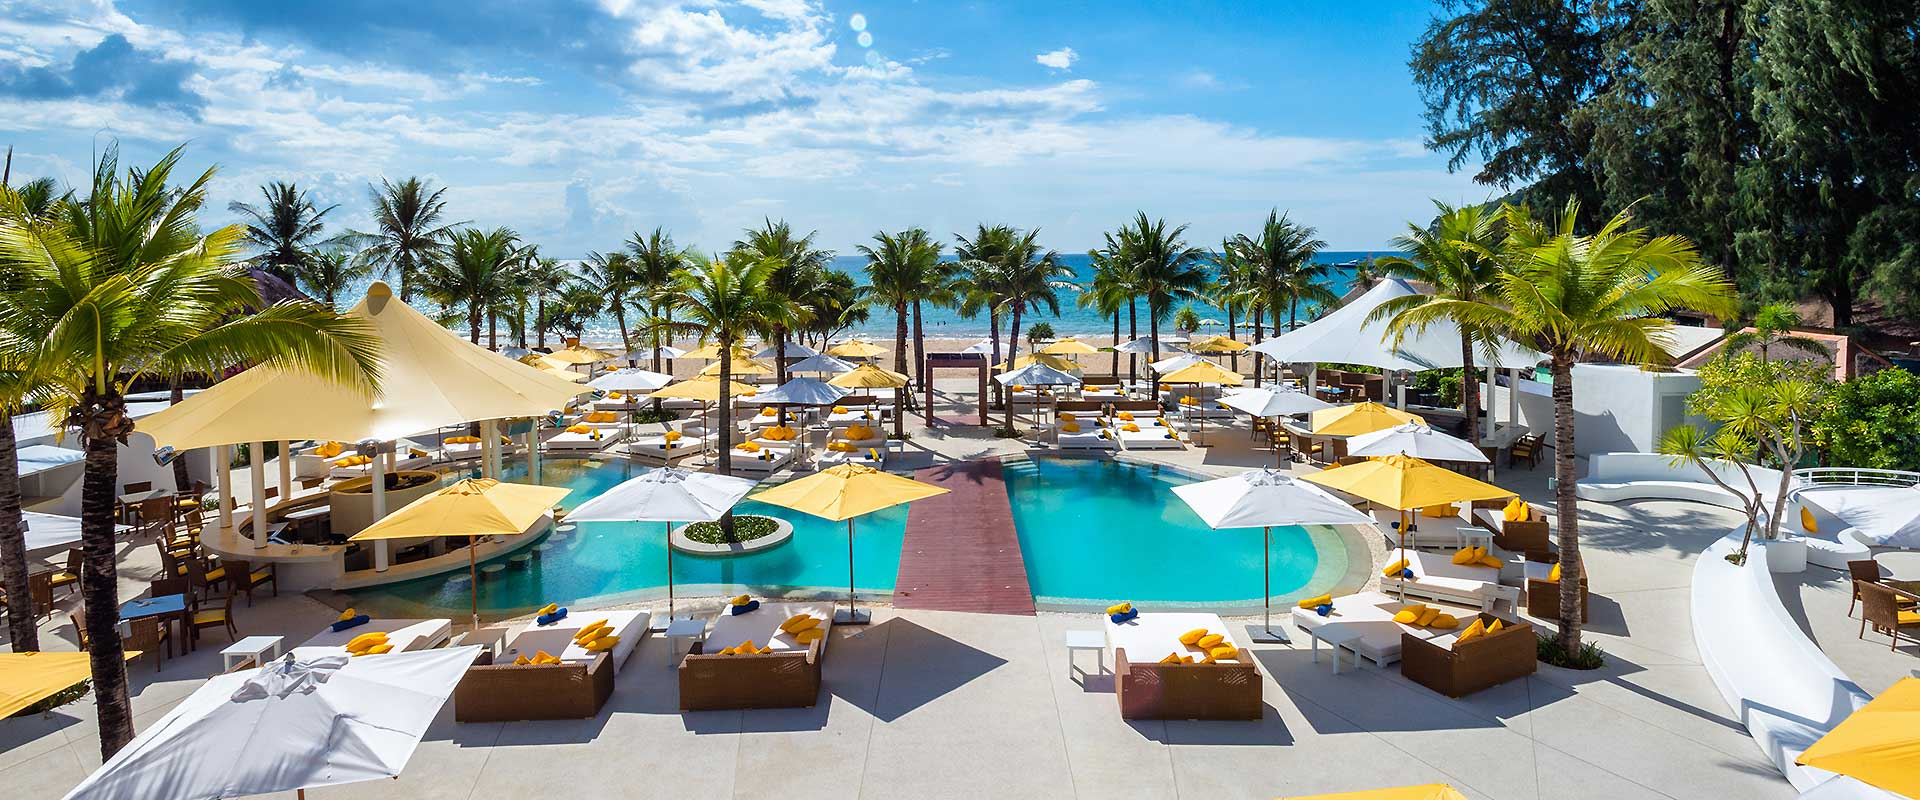 dream-beach-club-home-banner